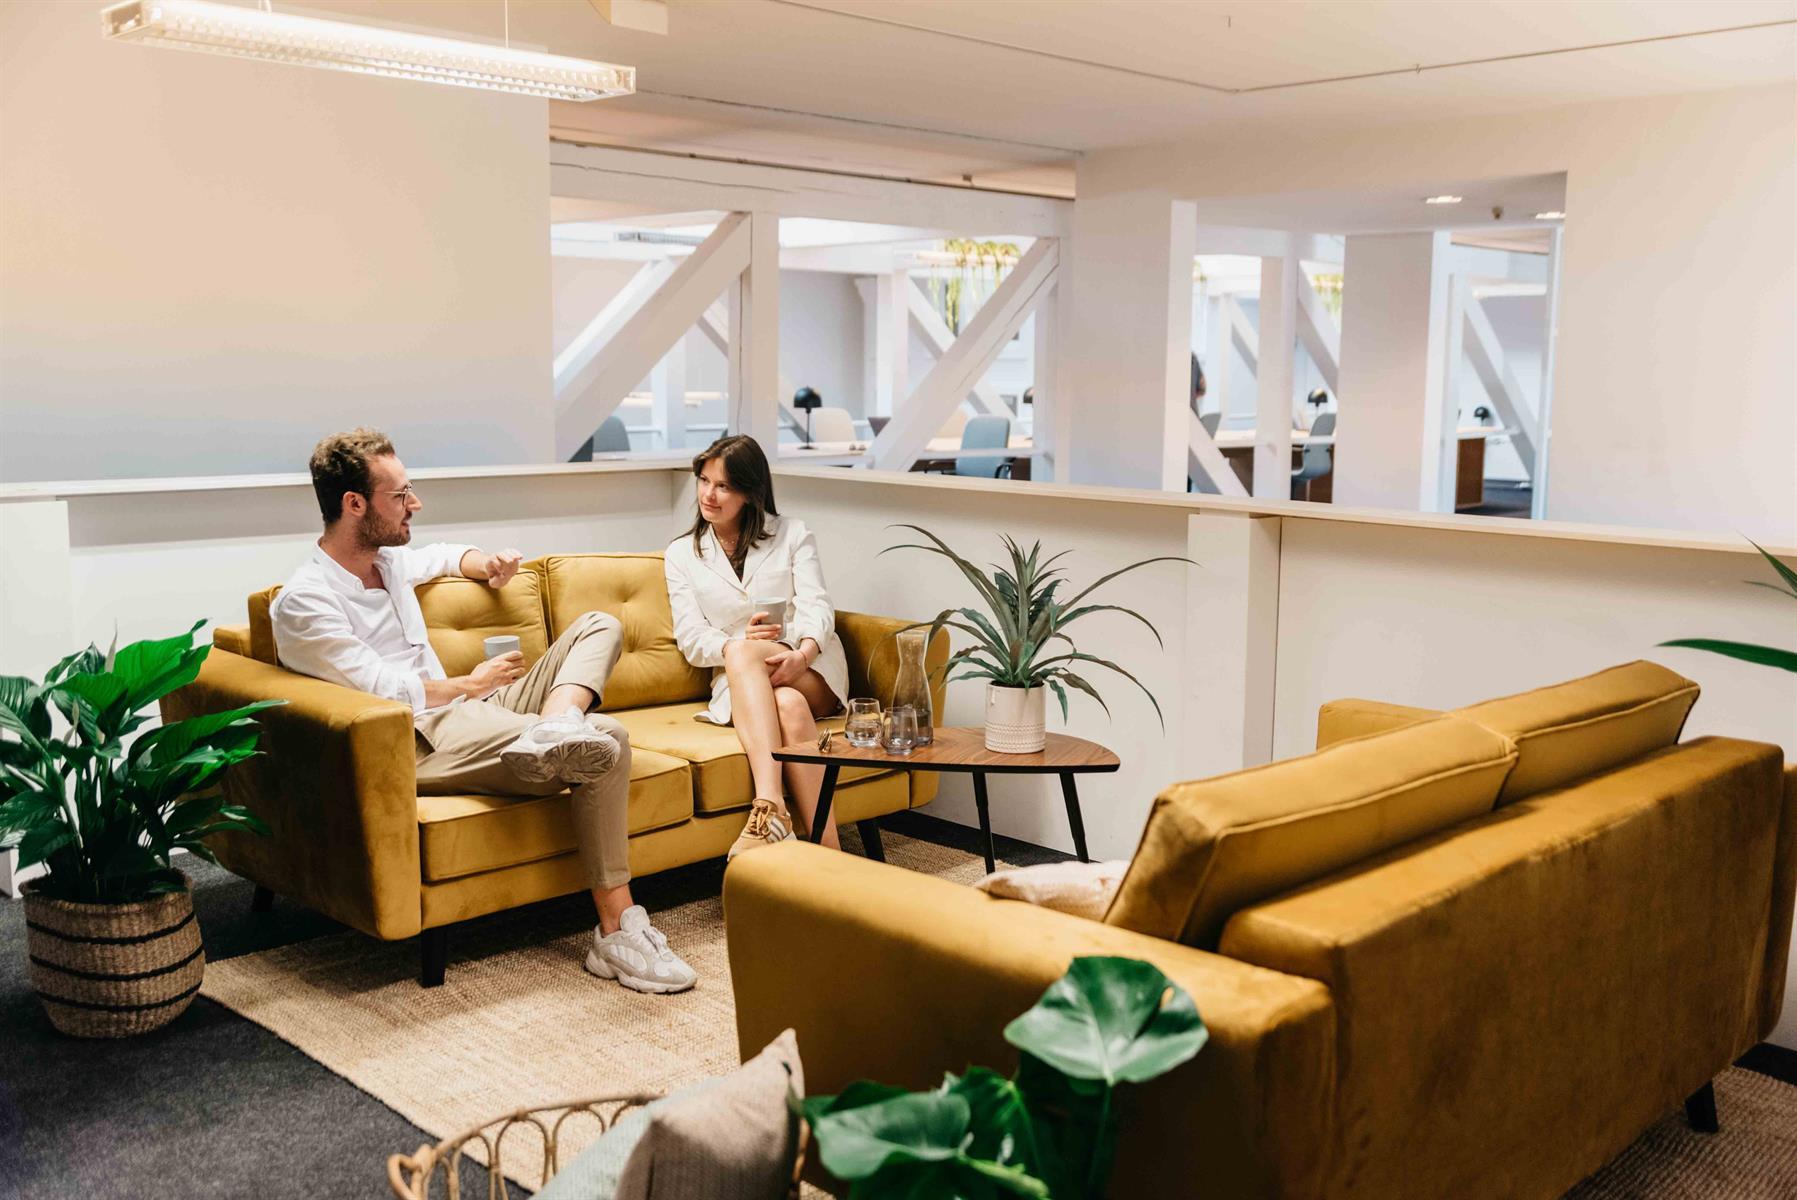 kantoor te huur Maxy - IJzerenpoortkaai 3, 2000 Antwerpen, België 1